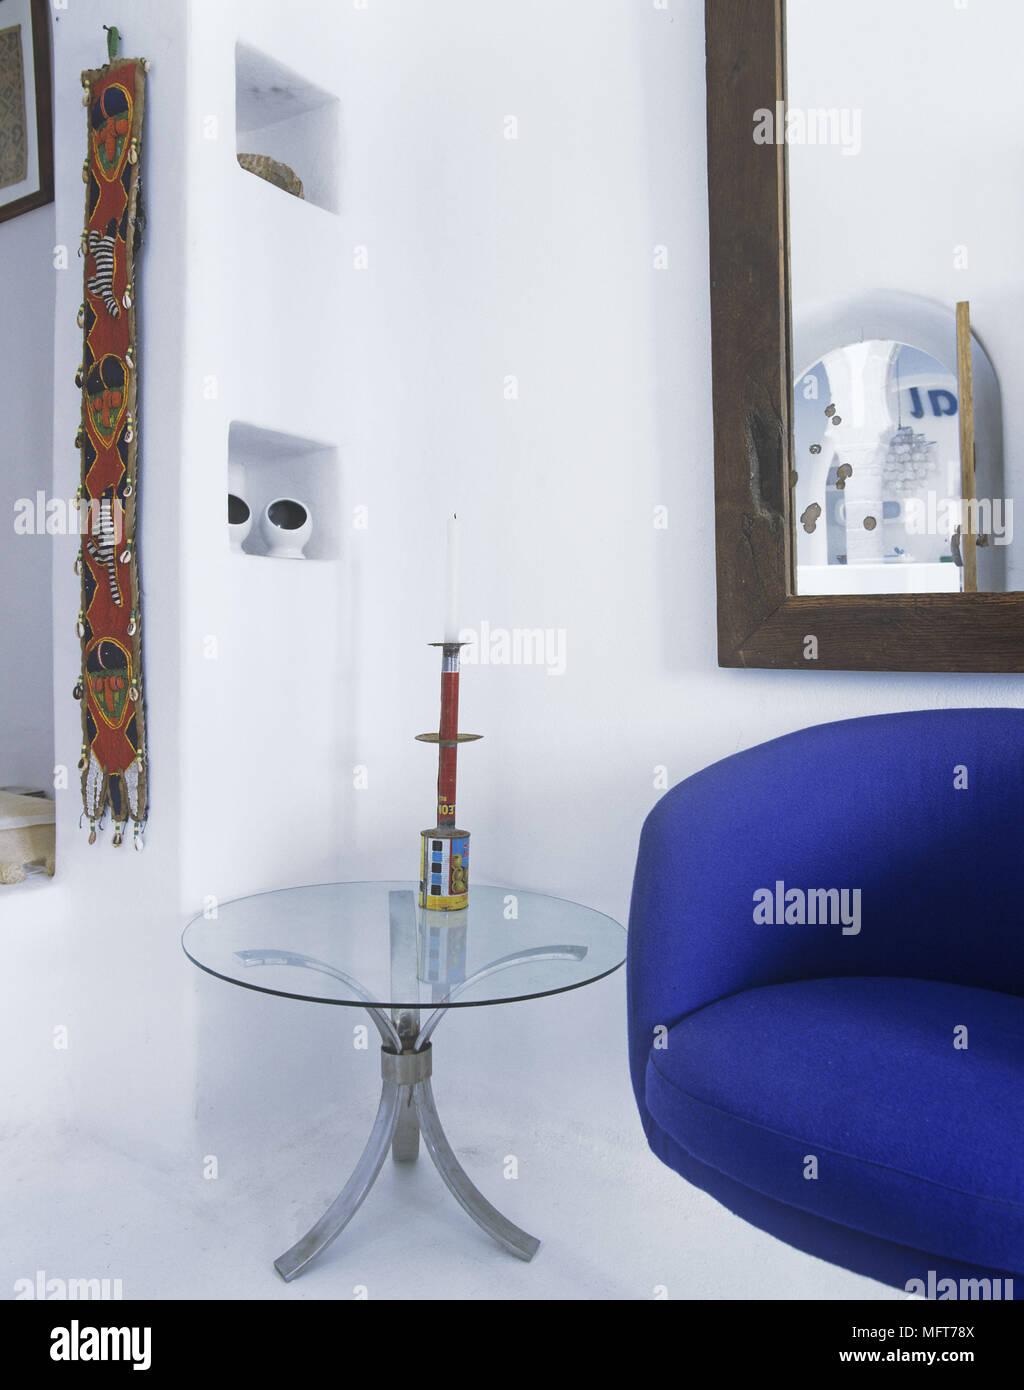 Geräumig Glasbeistelltisch Ideen Von Ein Detail Einer Modernen Weißen Wohnzimmer Blauen